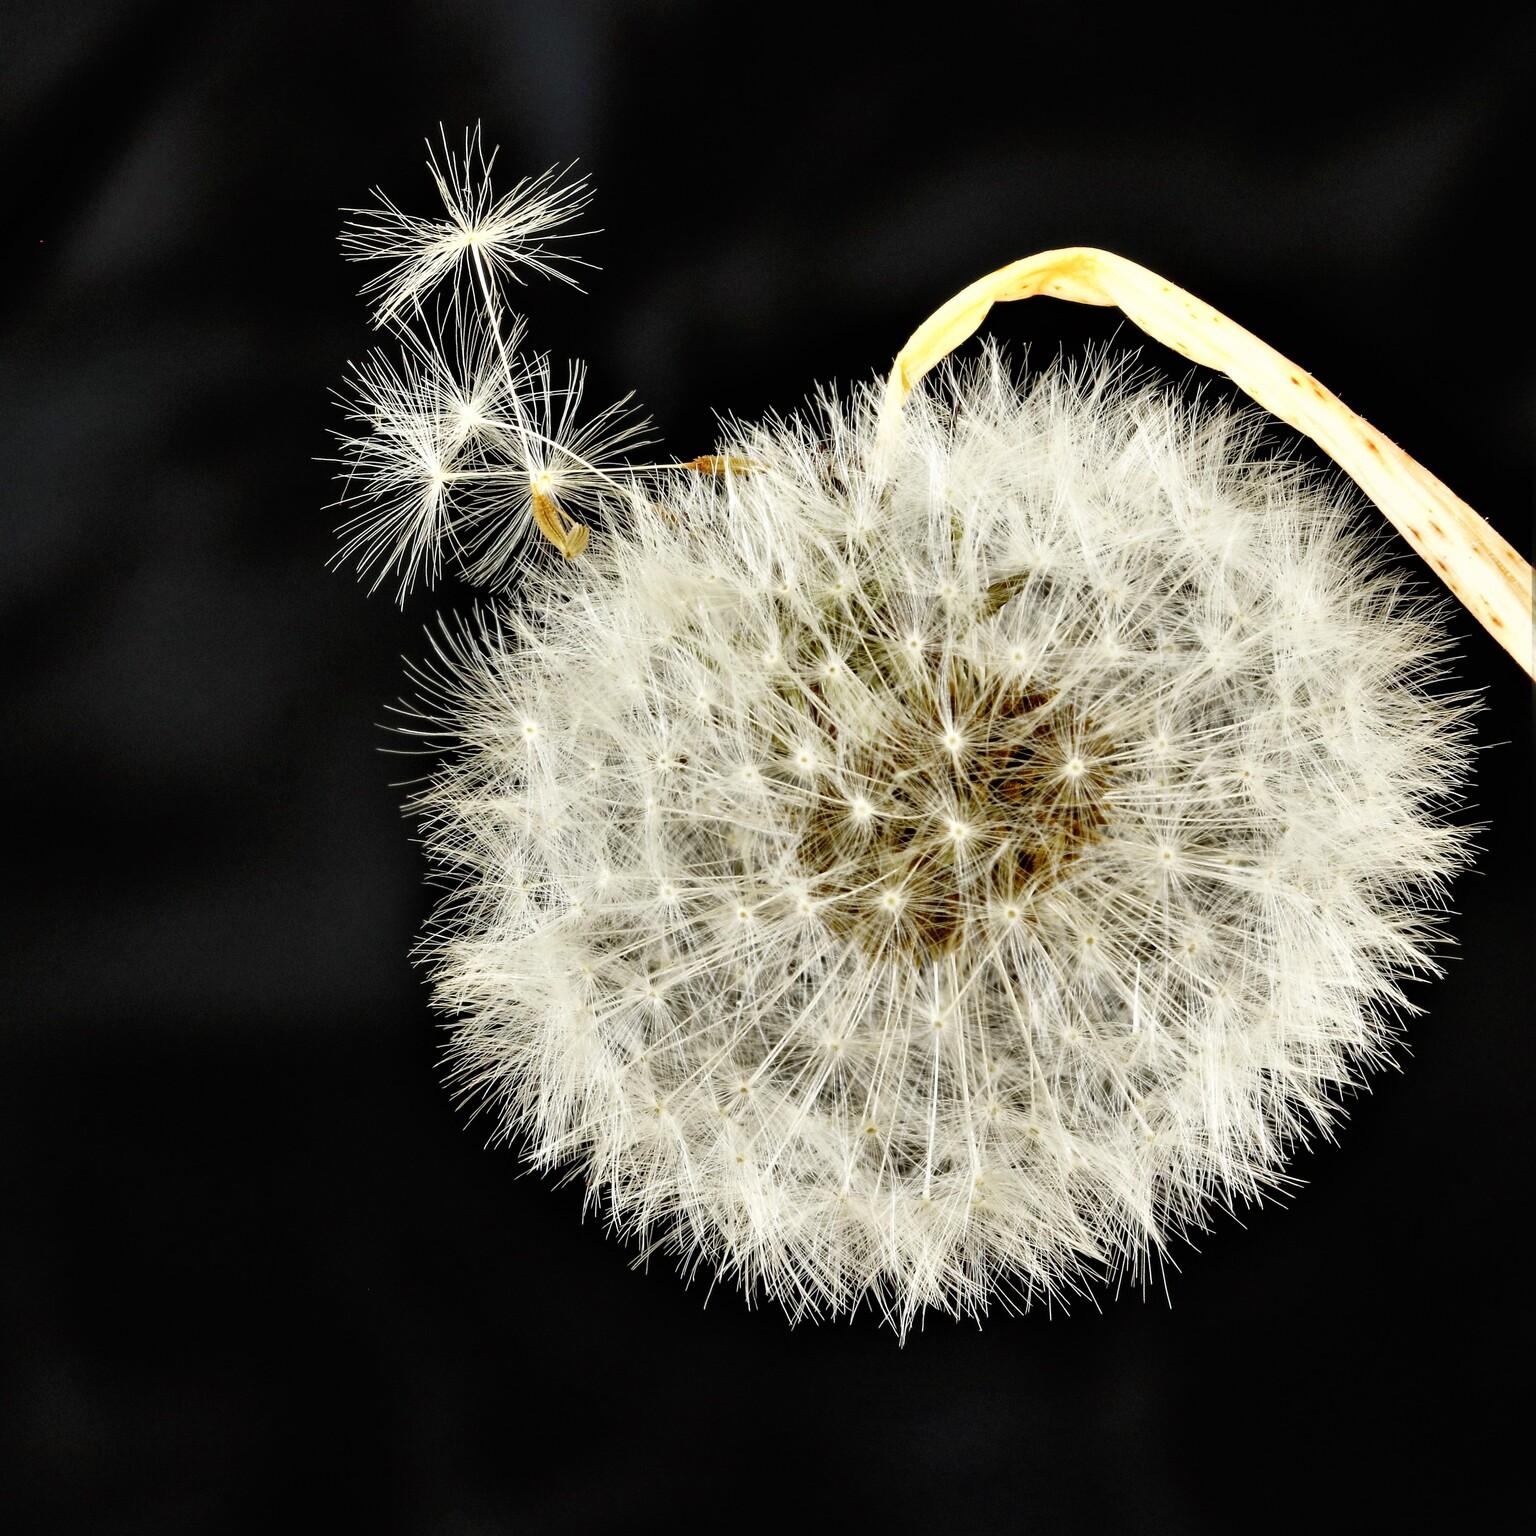 klaar voor vertrek - paardenbloempluisjes klaar voor vertrek om een nieuwe plant te vormen  - foto door mieke58 op 12-04-2021 - locatie: Berlicum - deze foto bevat: zwart wit, pluisjes, paardenbloem, bloem, fabriek, bloeiende plant, kunst, terrestrische plant, lettertype, symmetrie, detailopname, macrofotografie, evenement